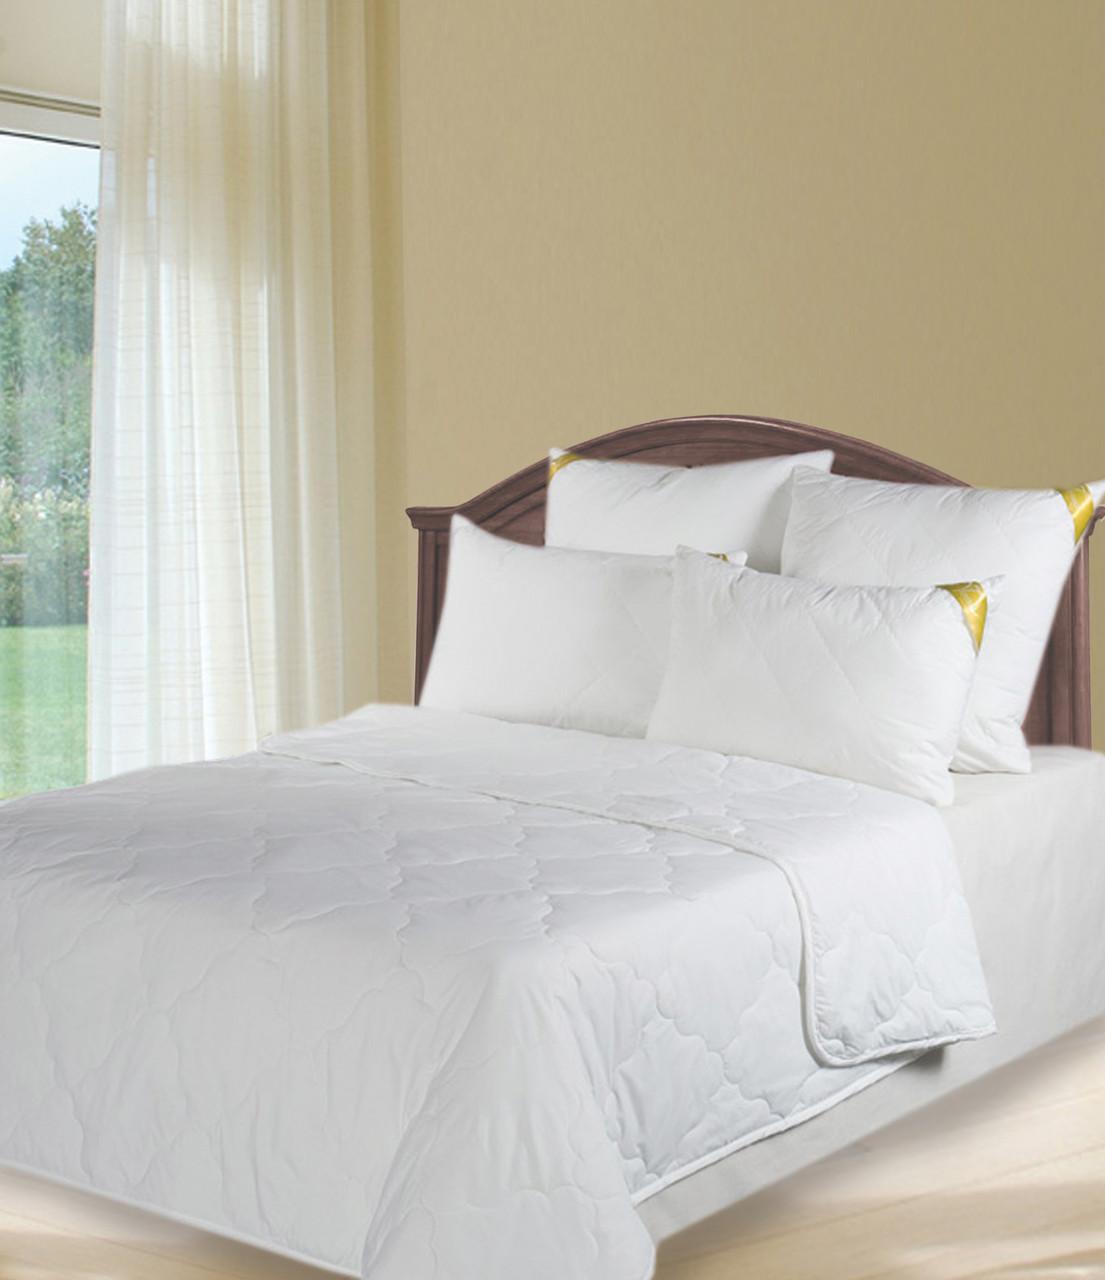 Одеяло холлофайбер белое 1,5сп